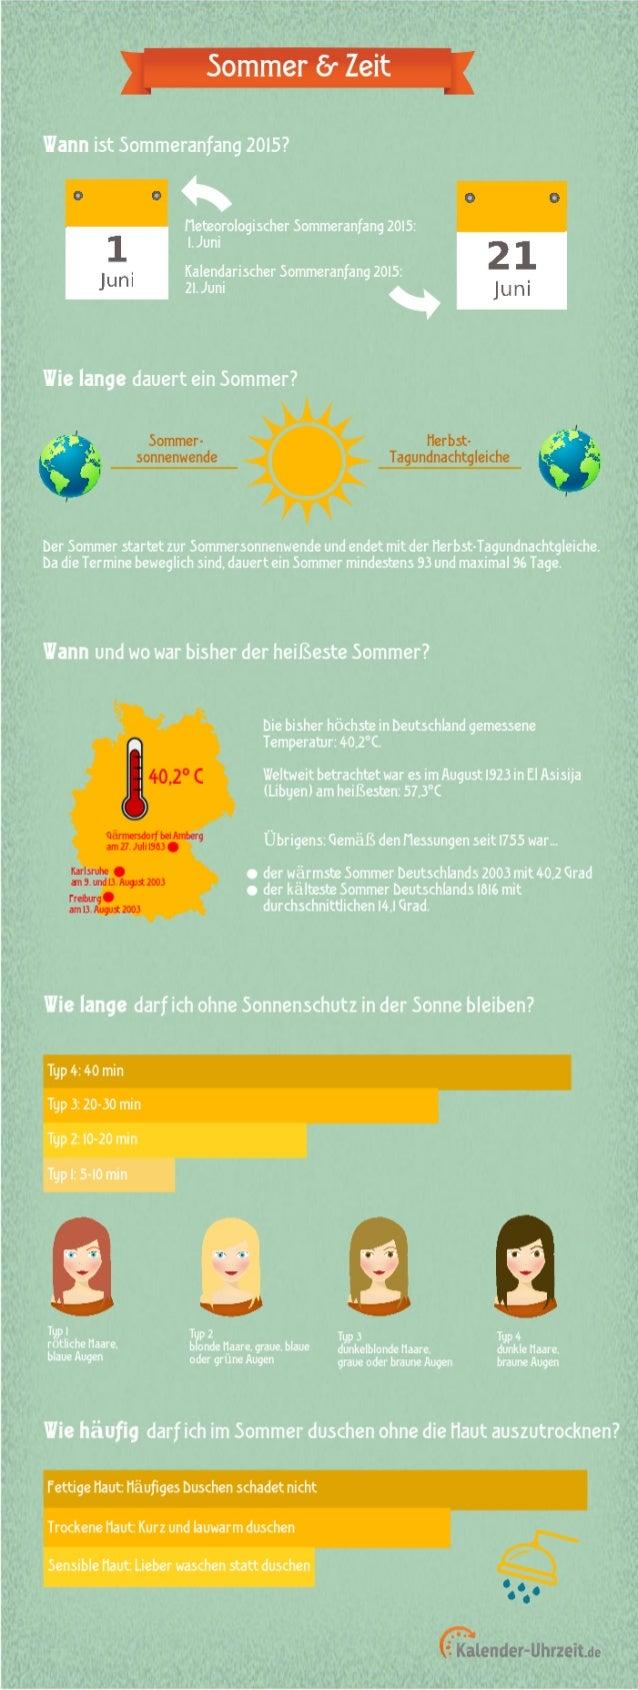 Infografik Sommer & Zeit